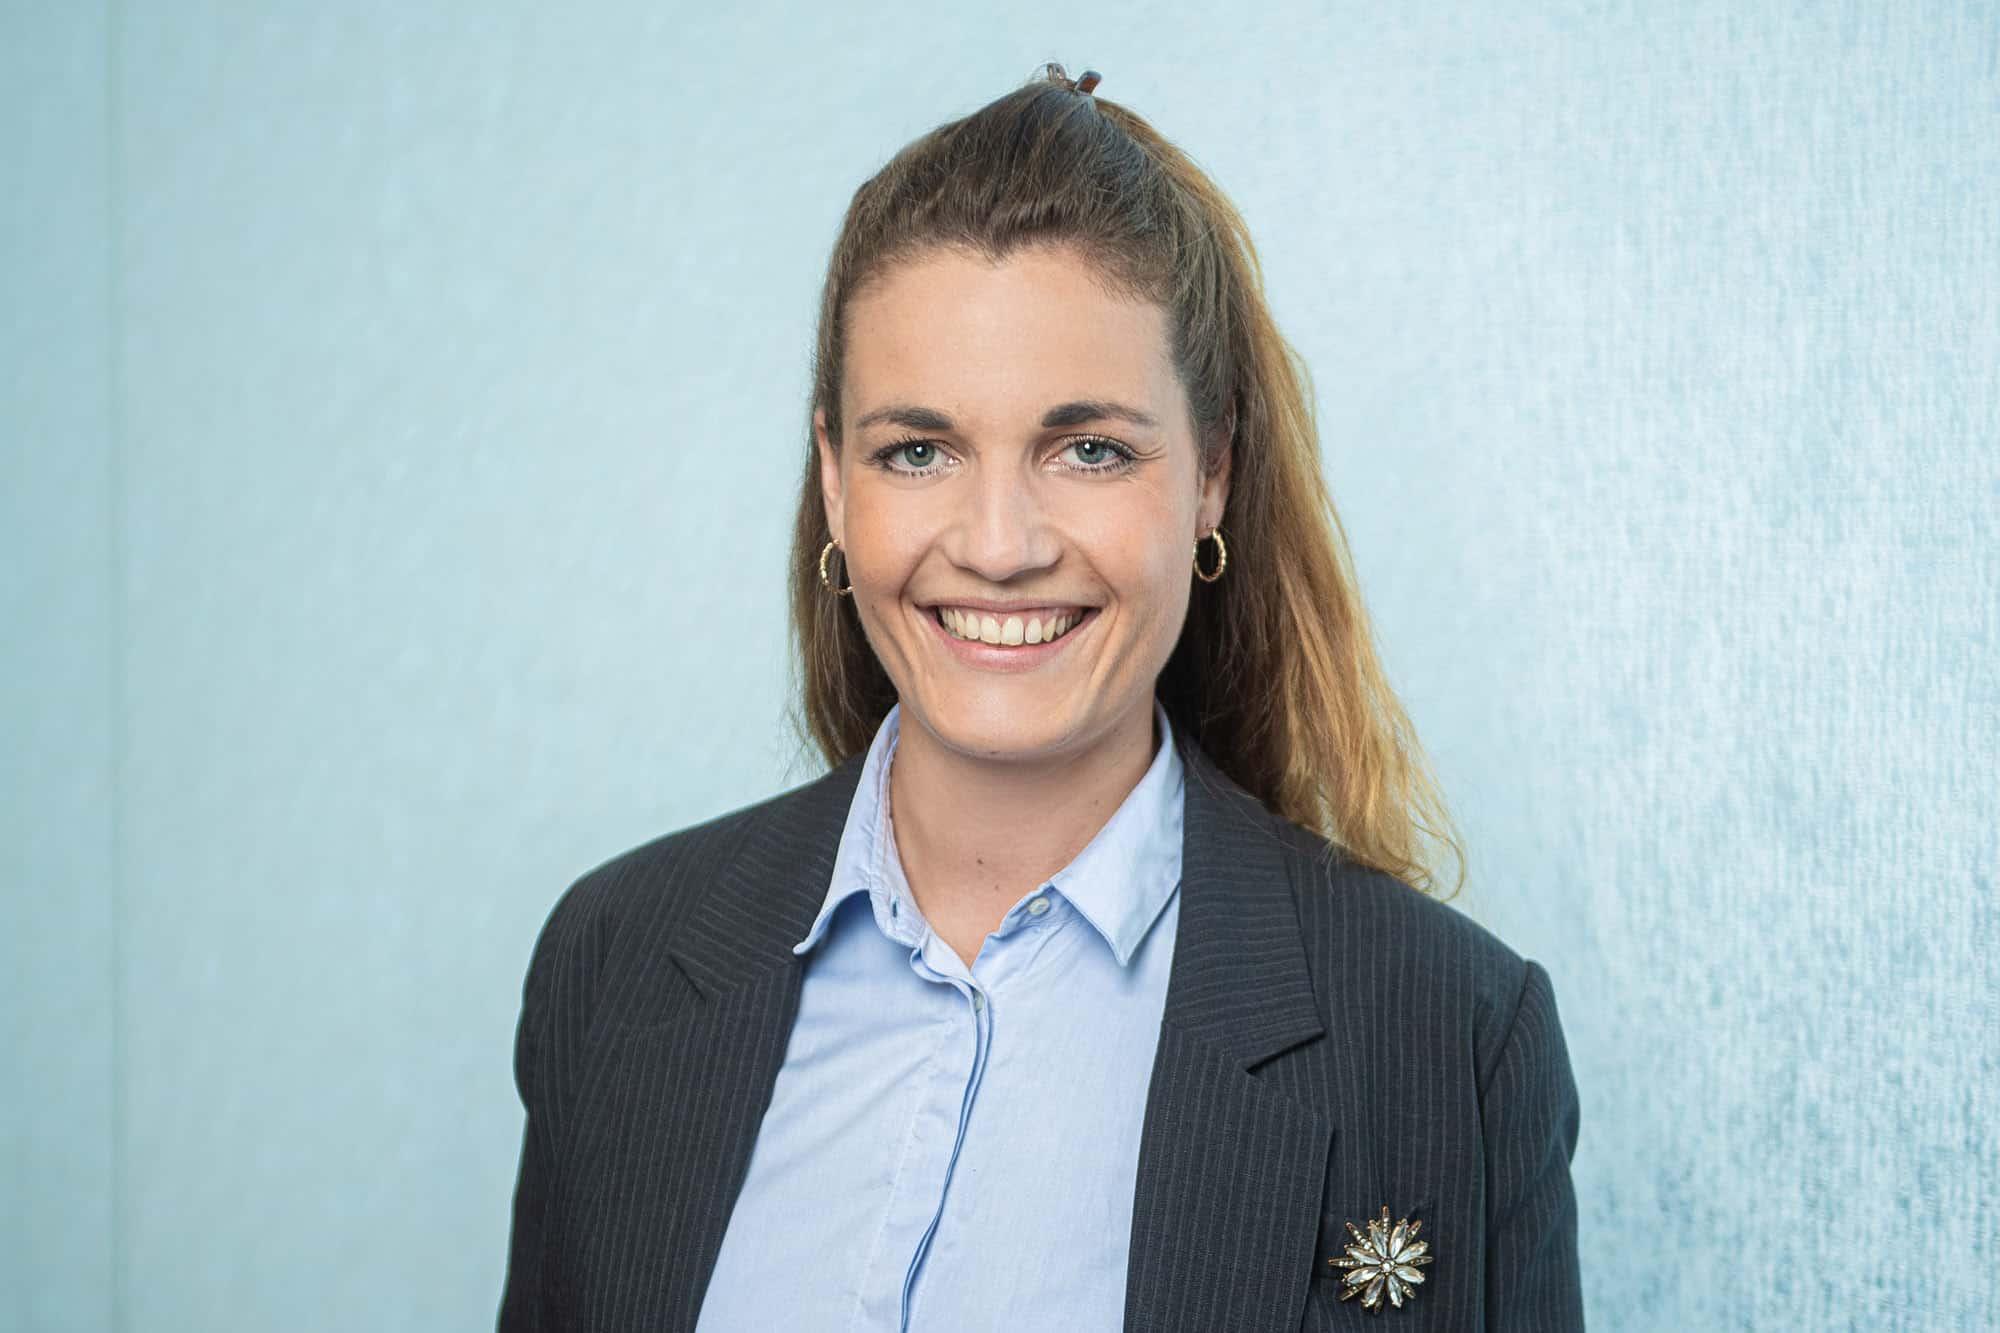 Alessandra Rapelli